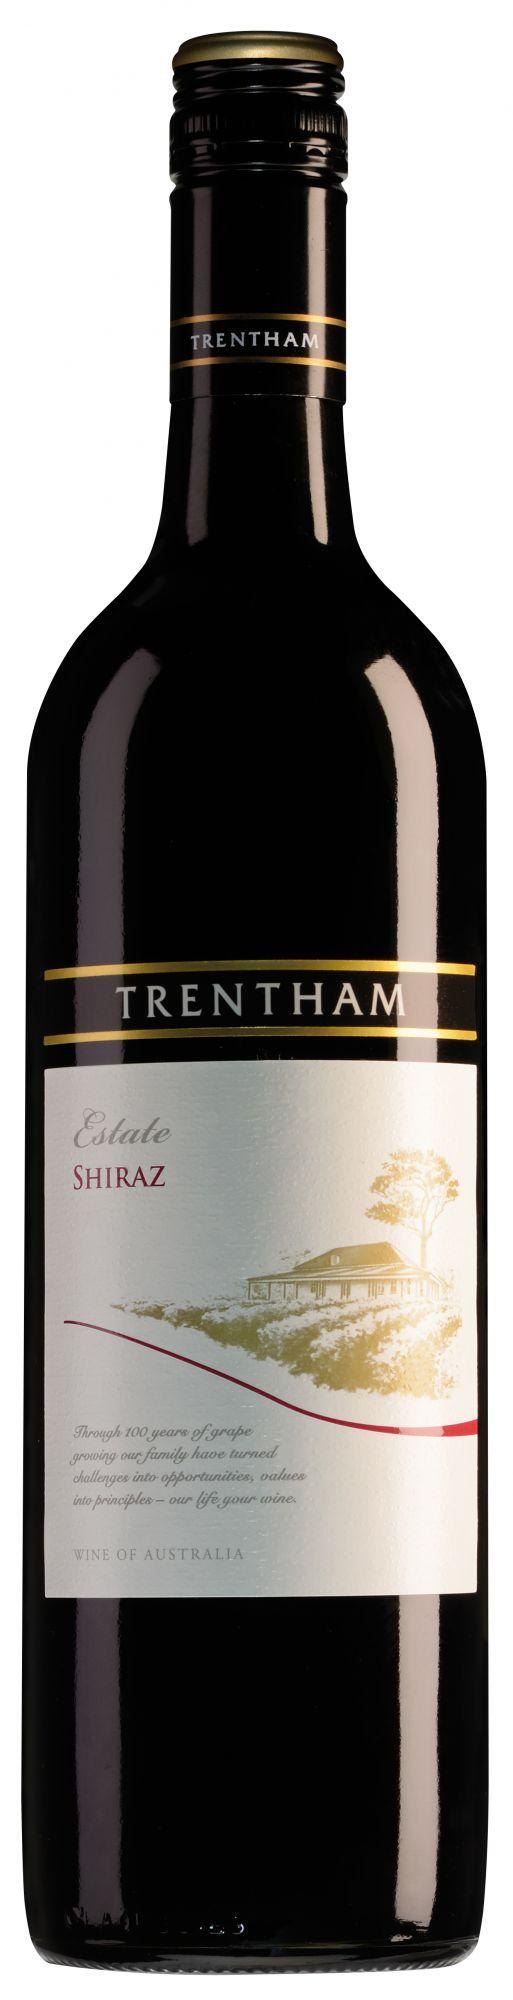 Trentham Estate South Australia Shiraz